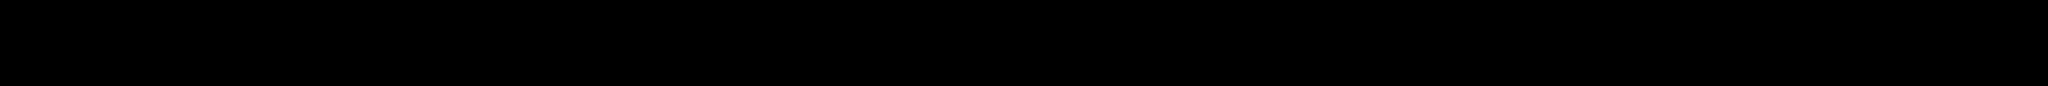 BERU 0460100201, A 201 Antenne